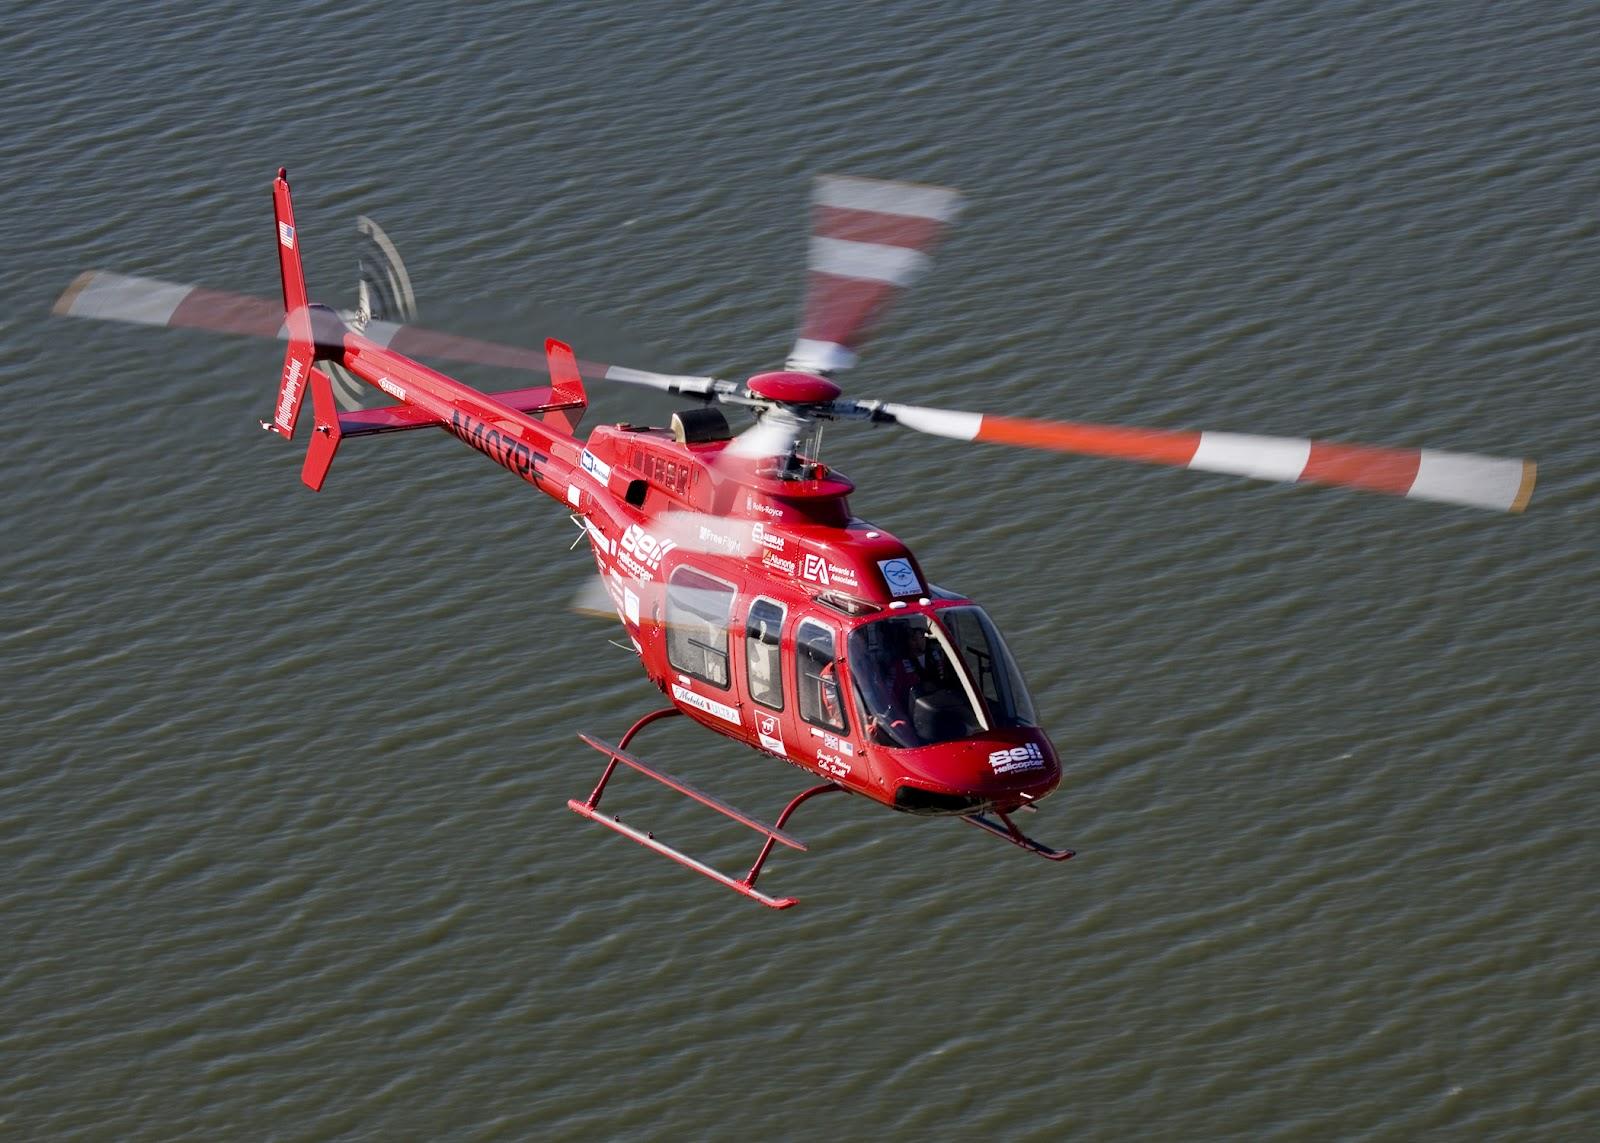 http://3.bp.blogspot.com/-vztvmZCqiGk/T8f4bgrm2fI/AAAAAAAAIsg/968ietbW3ZM/s1600/bell_407_helicopter.jpg